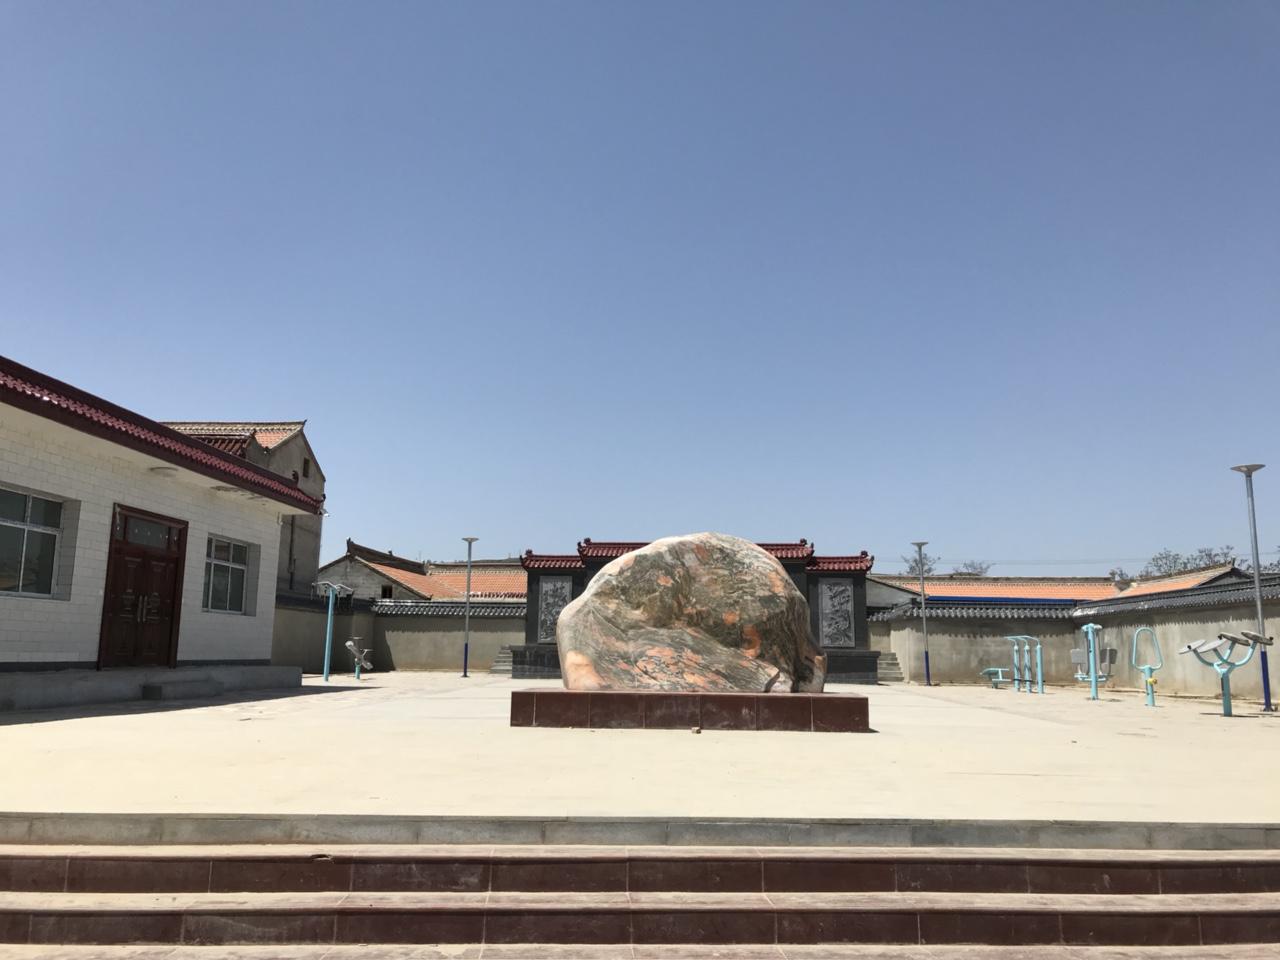 【文化惠民】龙山镇芦塬村综合文化服务中心风�